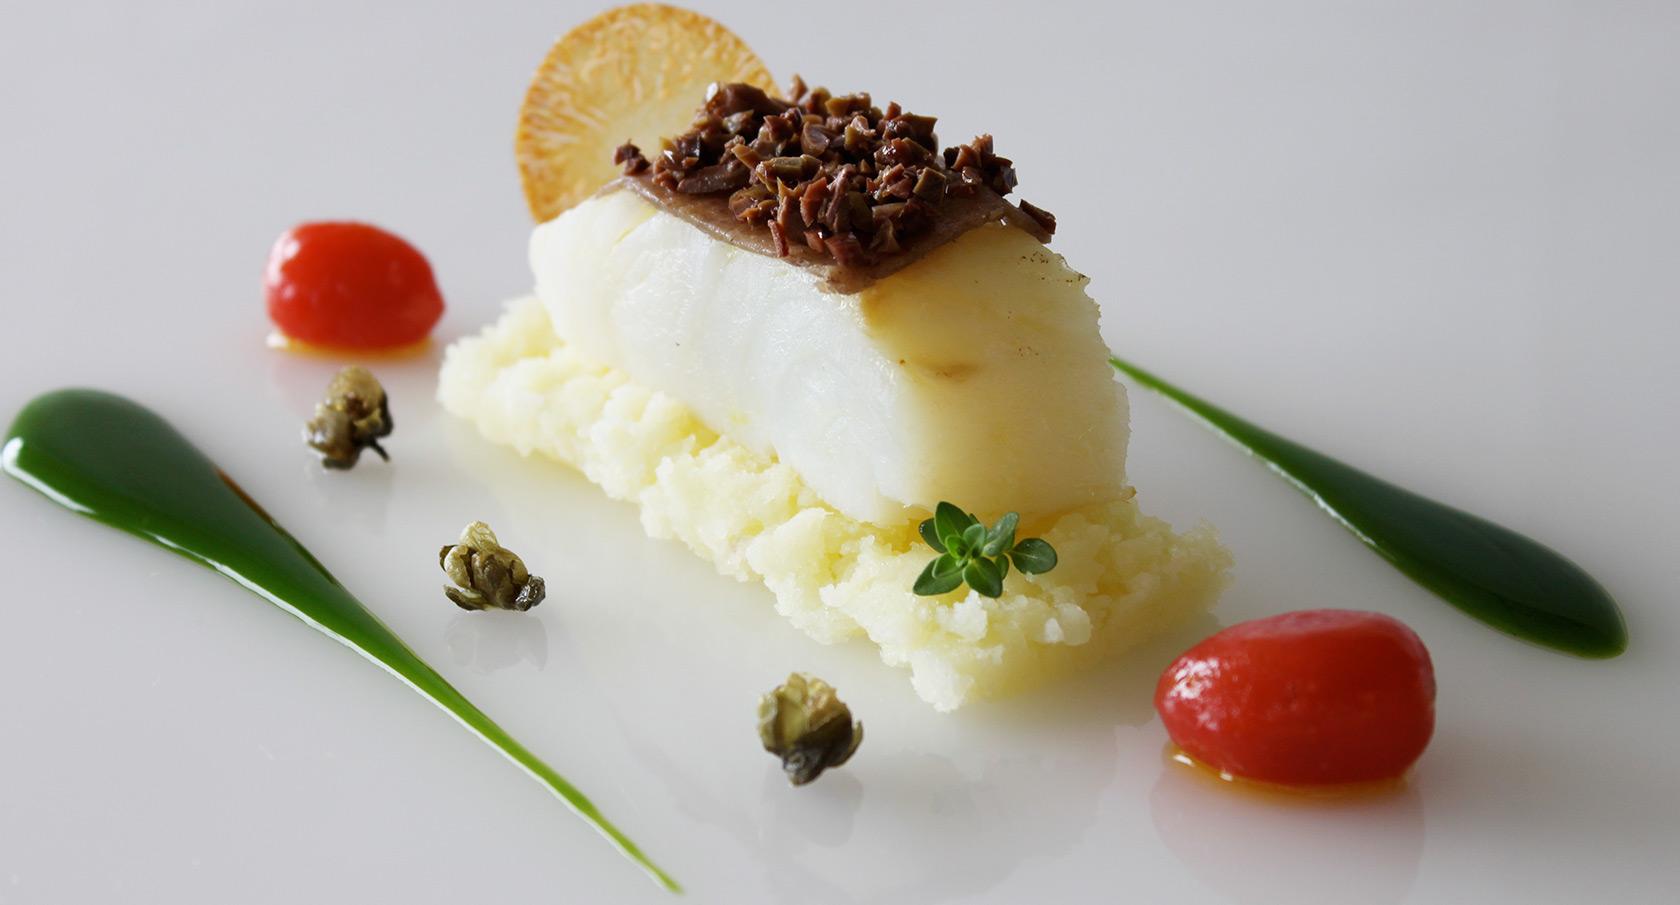 merluzzo-olive-capperi-arnolfo-ristorante_Chef-Gaetano-Trovato